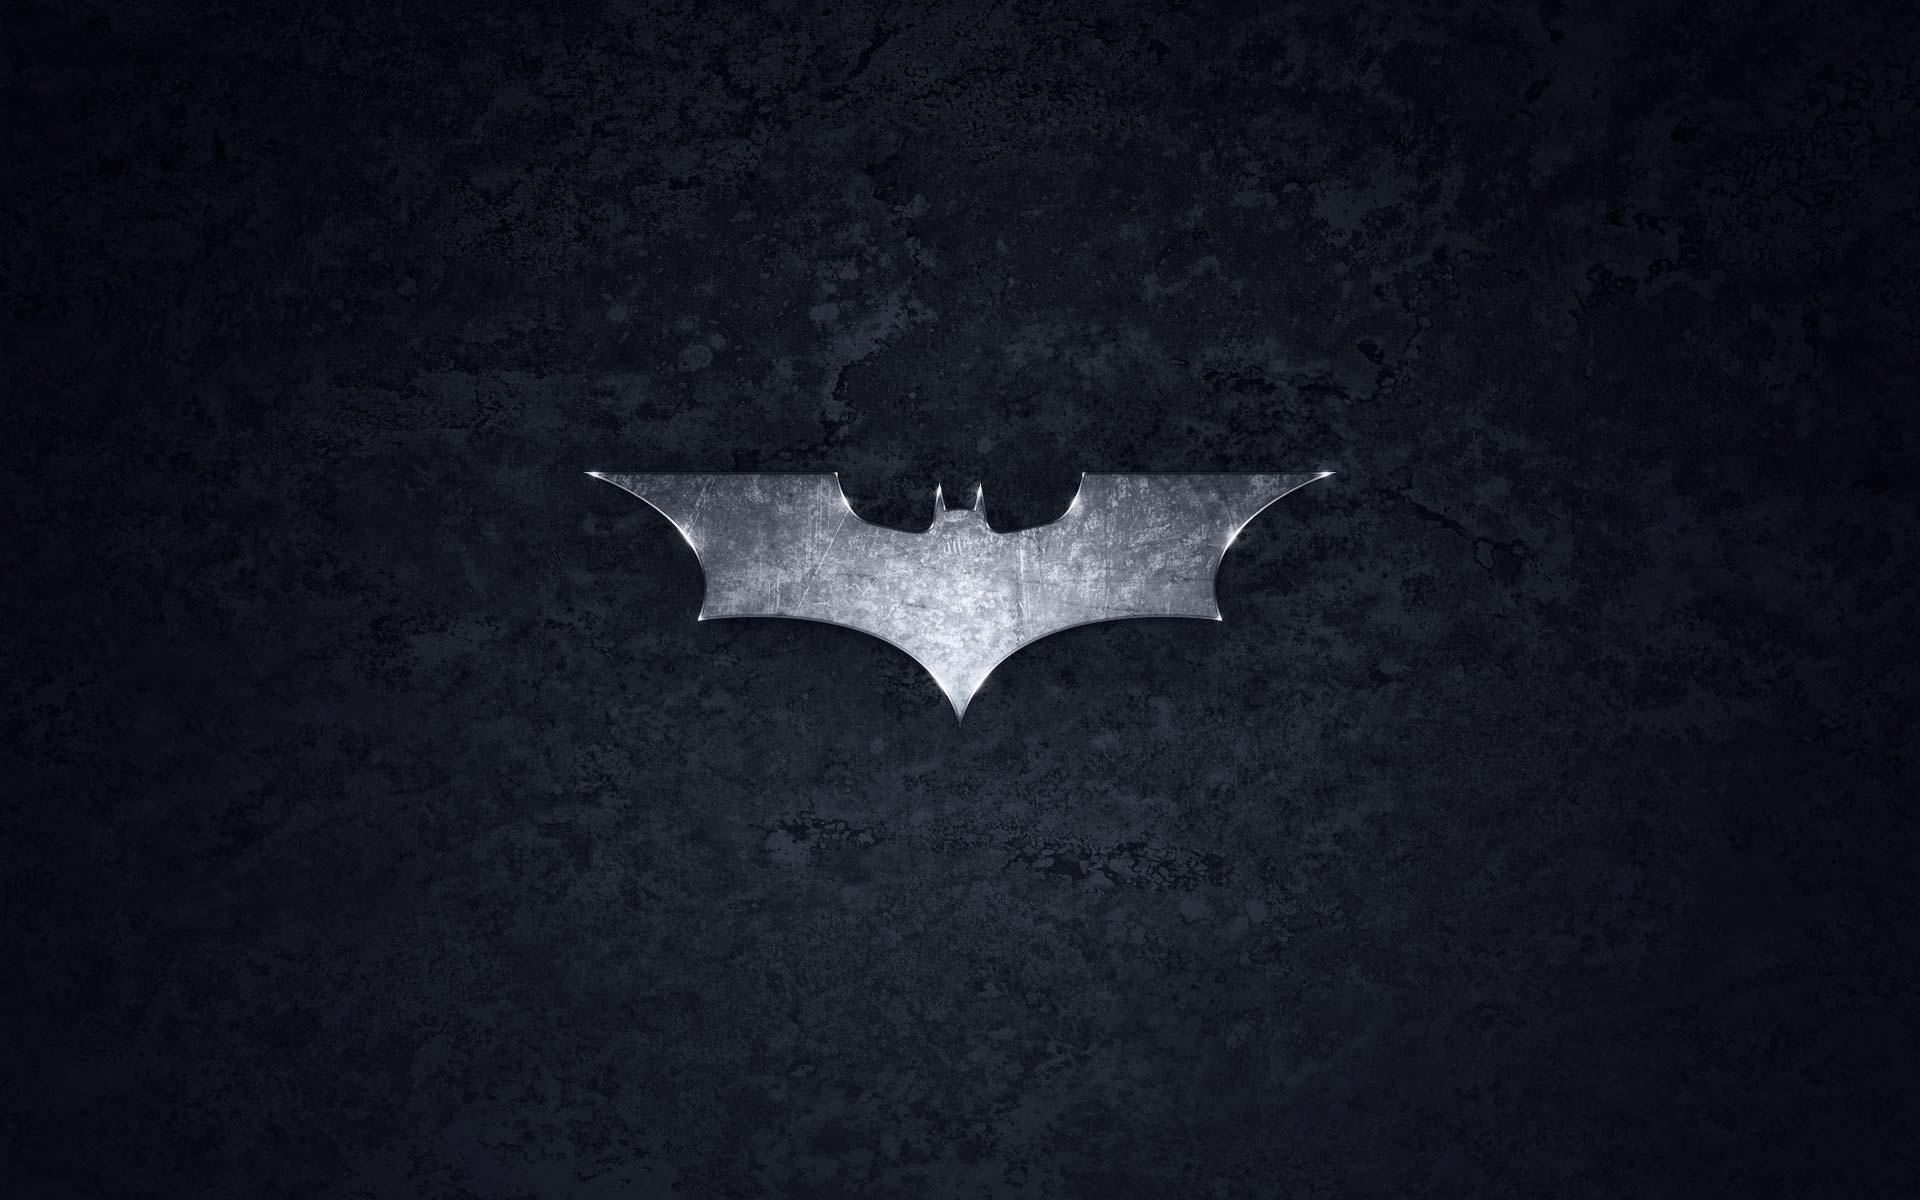 Steel Batman logo Wallpaper   Batman Wallpaper   Cartoon Watcher 1920x1200